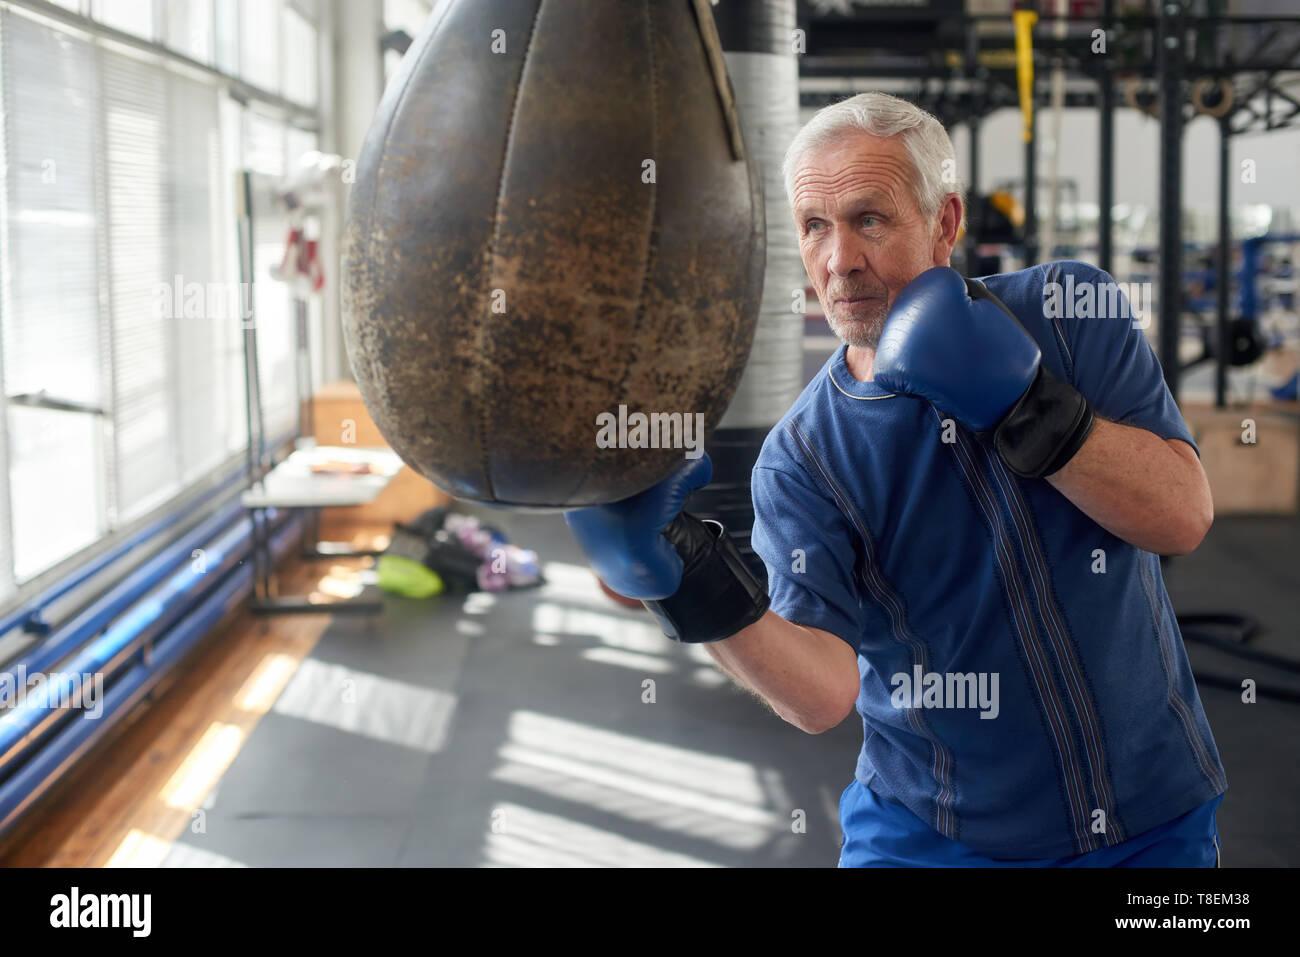 Elderly man hitting punching bag in boxing studio. Senior caucasian man in gloves beats punching bag in gym. - Stock Image